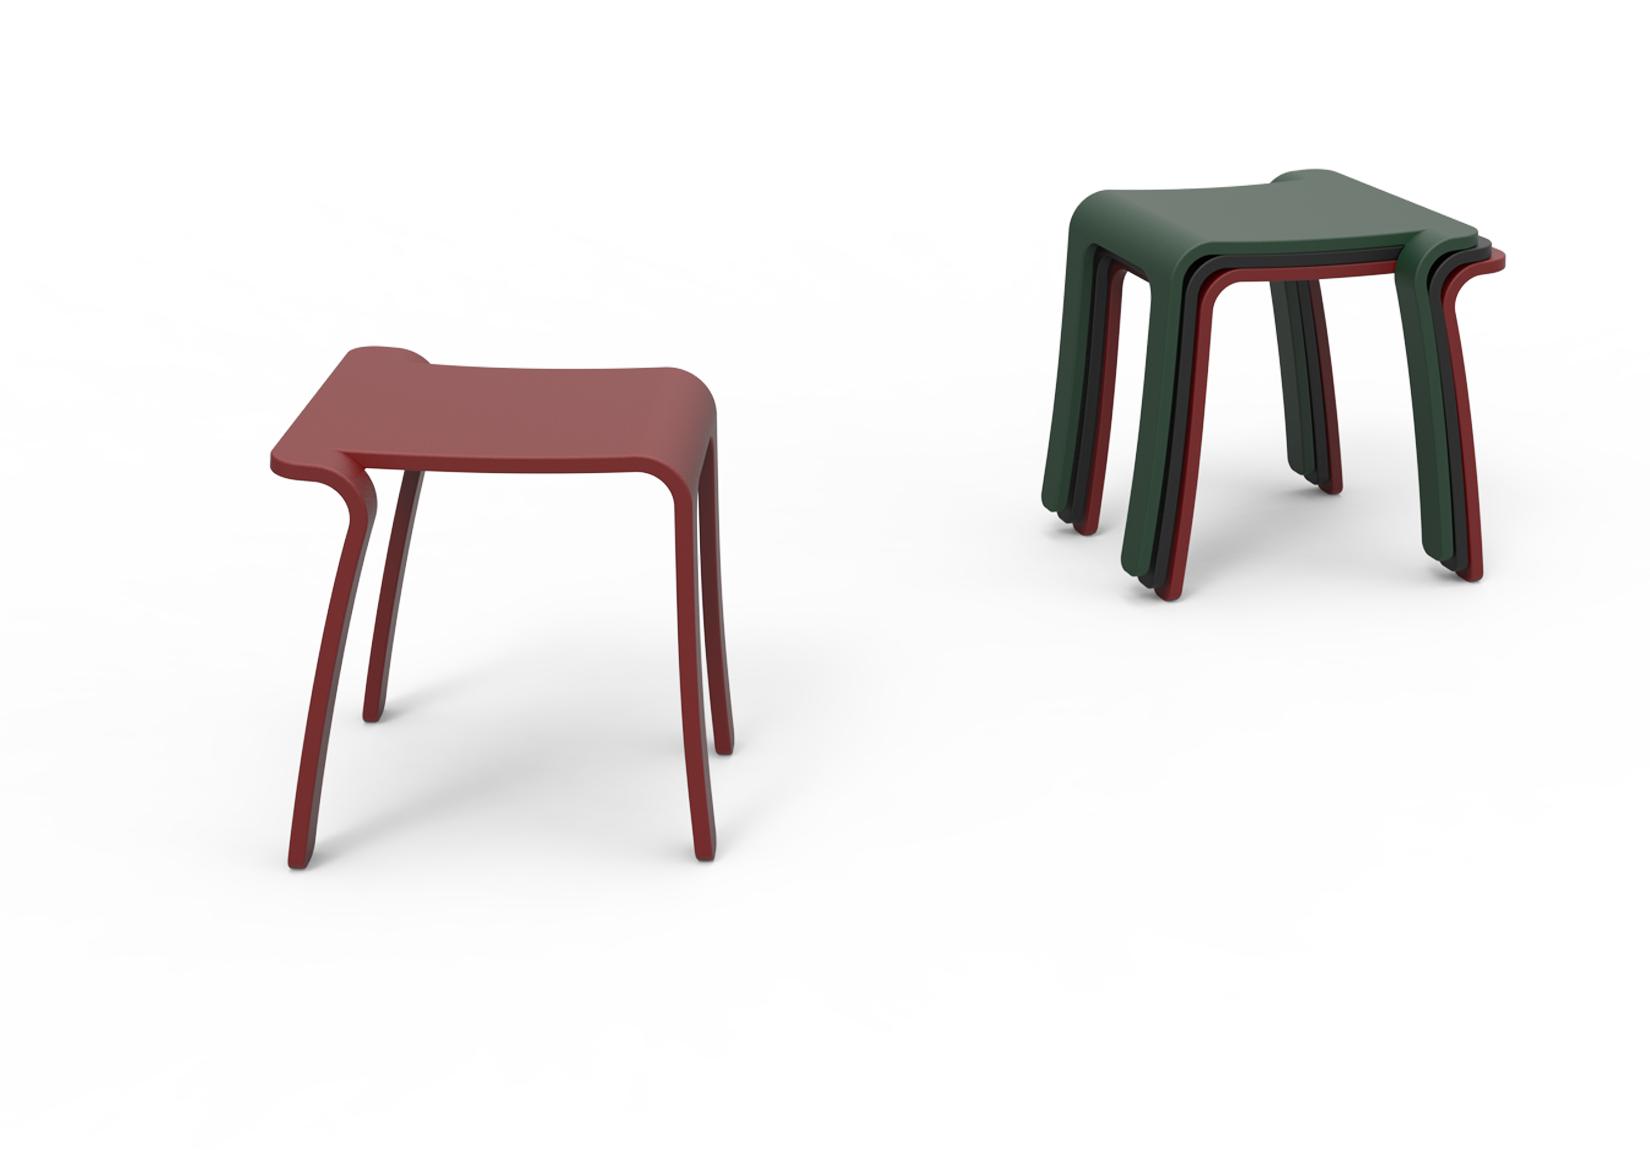 blank stool website 5.png